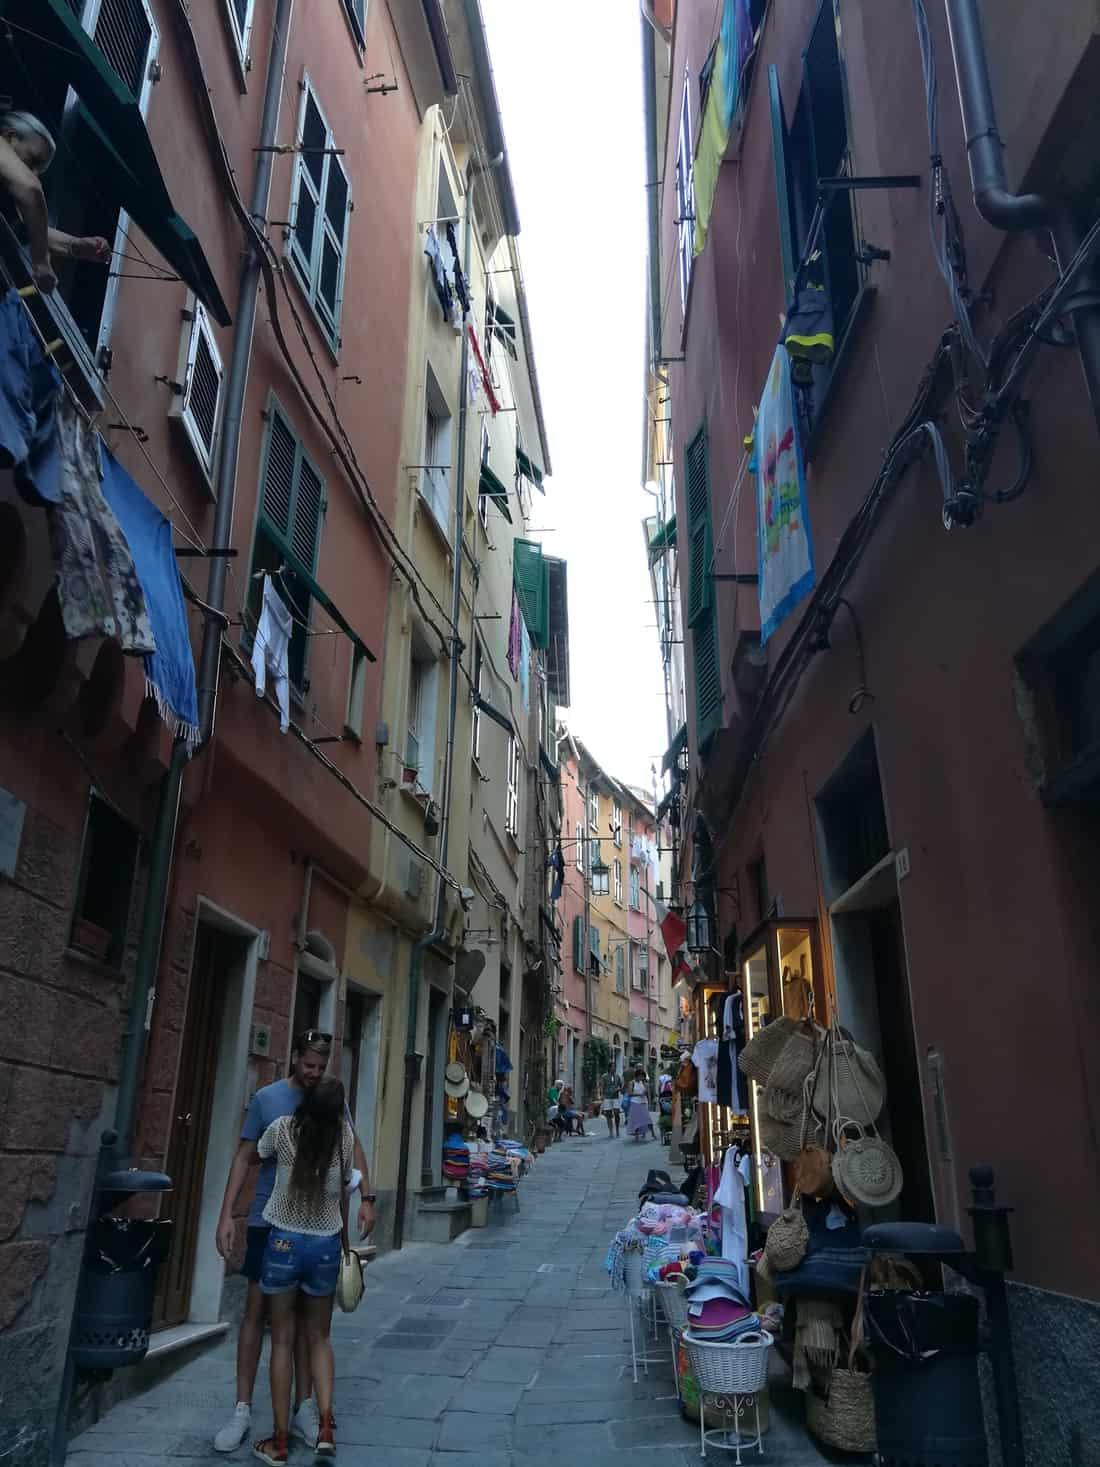 イタリア世界遺産の街ポルトヴェーネレ ( Portovenere )